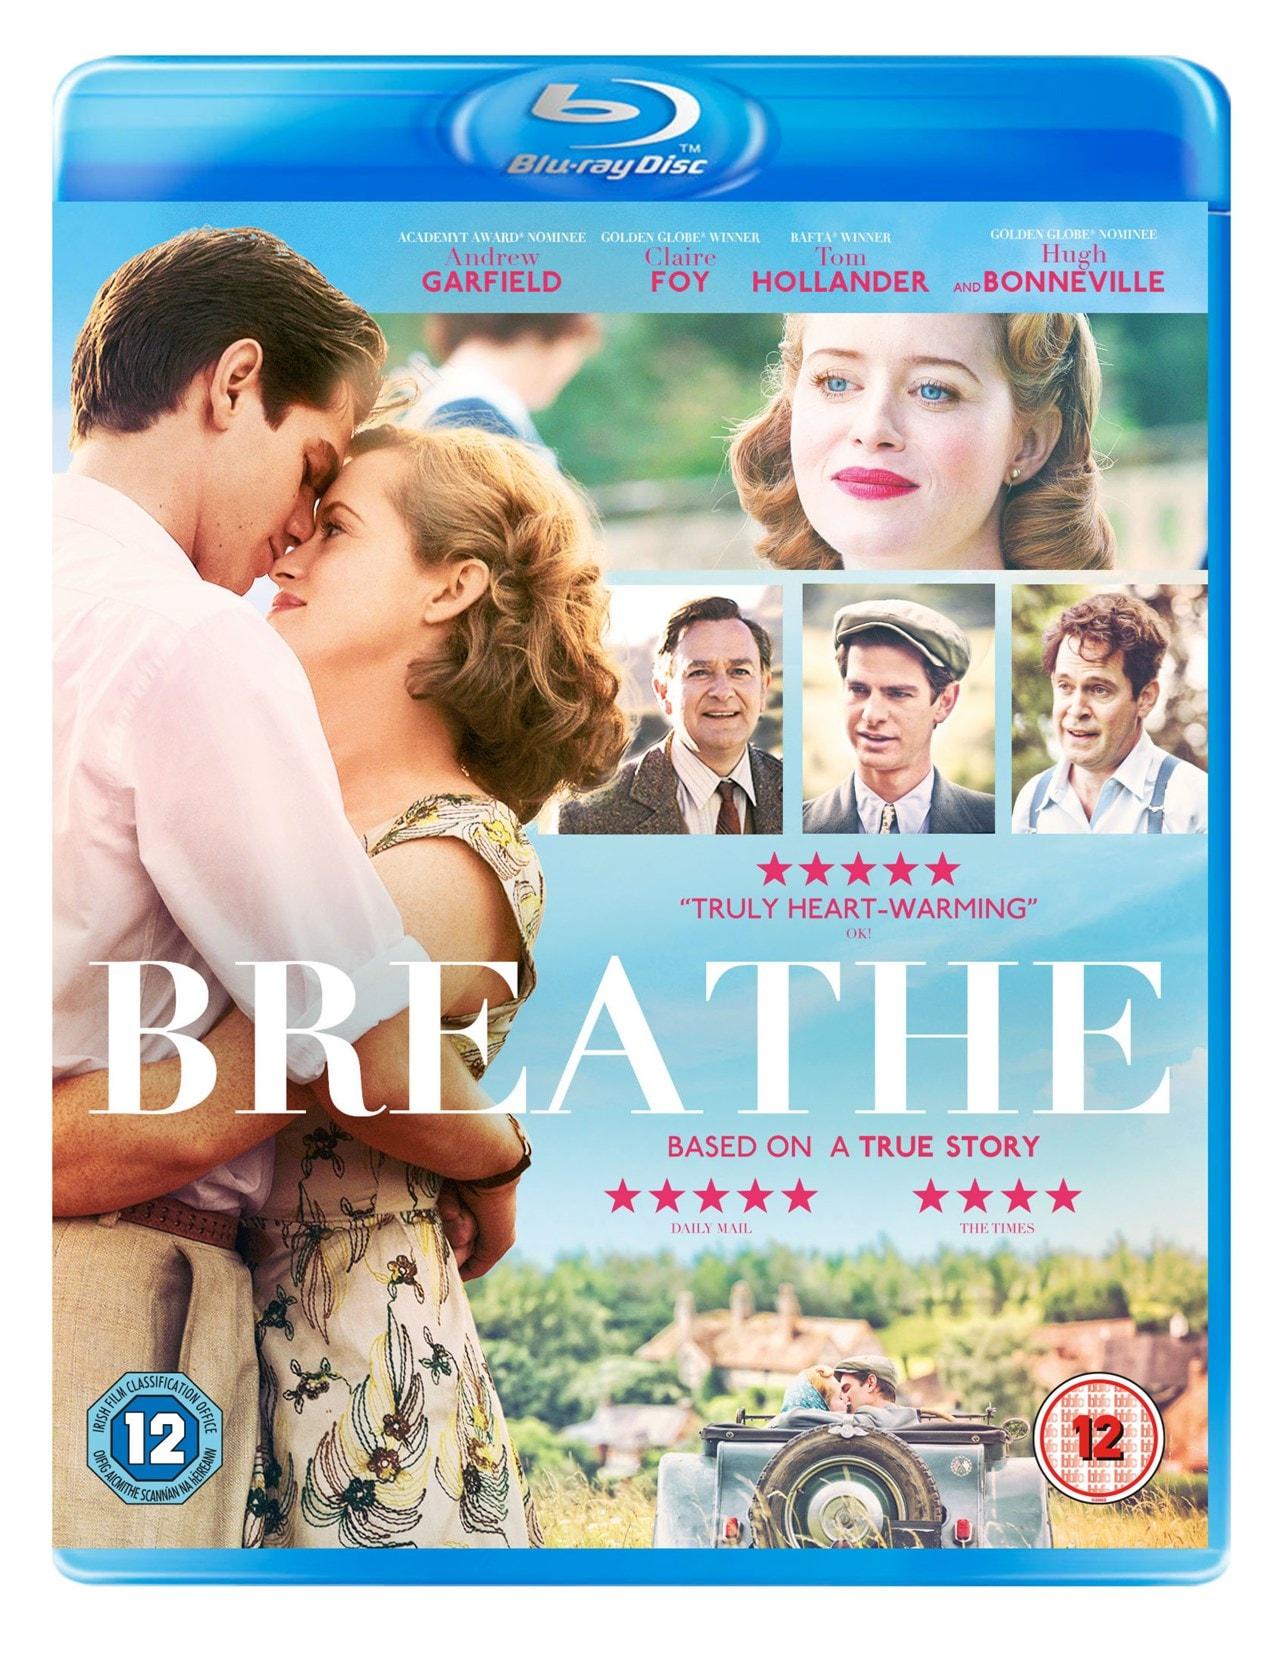 Breathe - 1